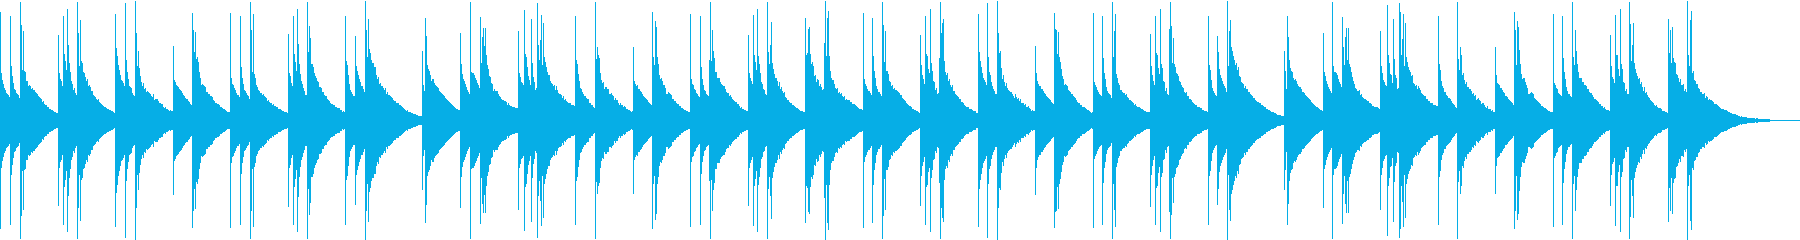 アメイジンググレイス オルゴールver.の再生済みの波形